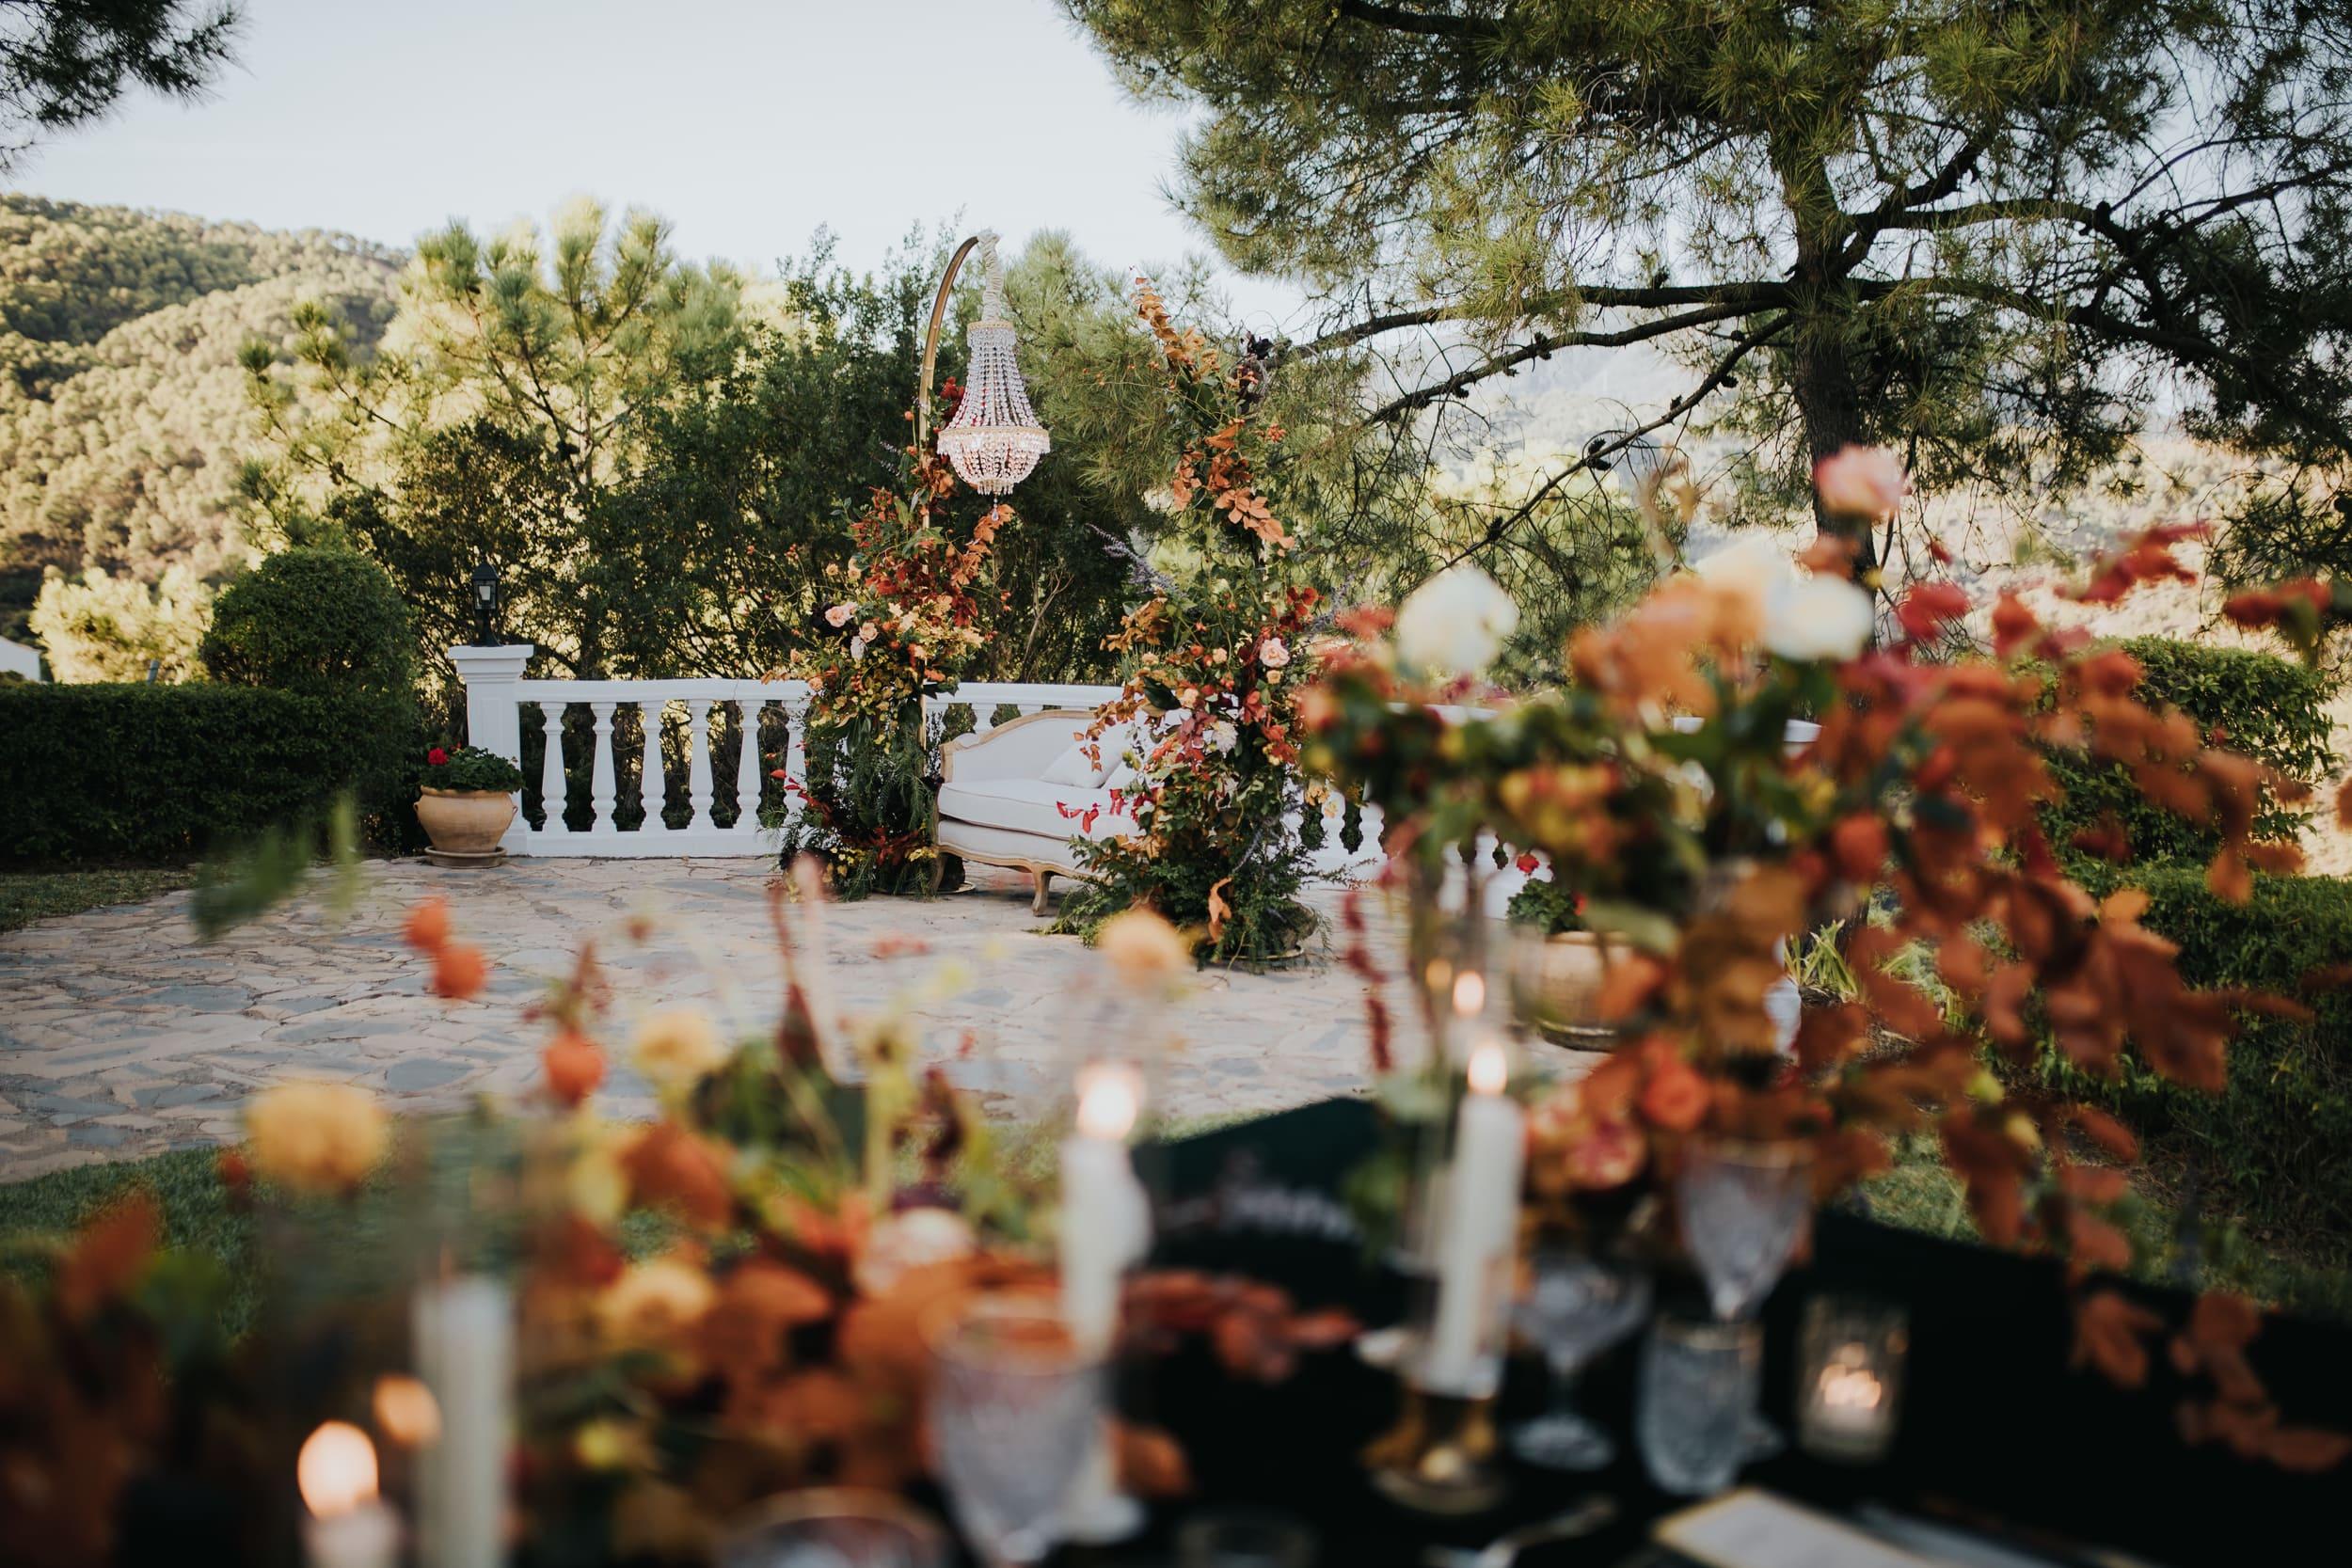 Destination Wedding in Spain | Marbella wedding planner Autumn Love Autumn  Love